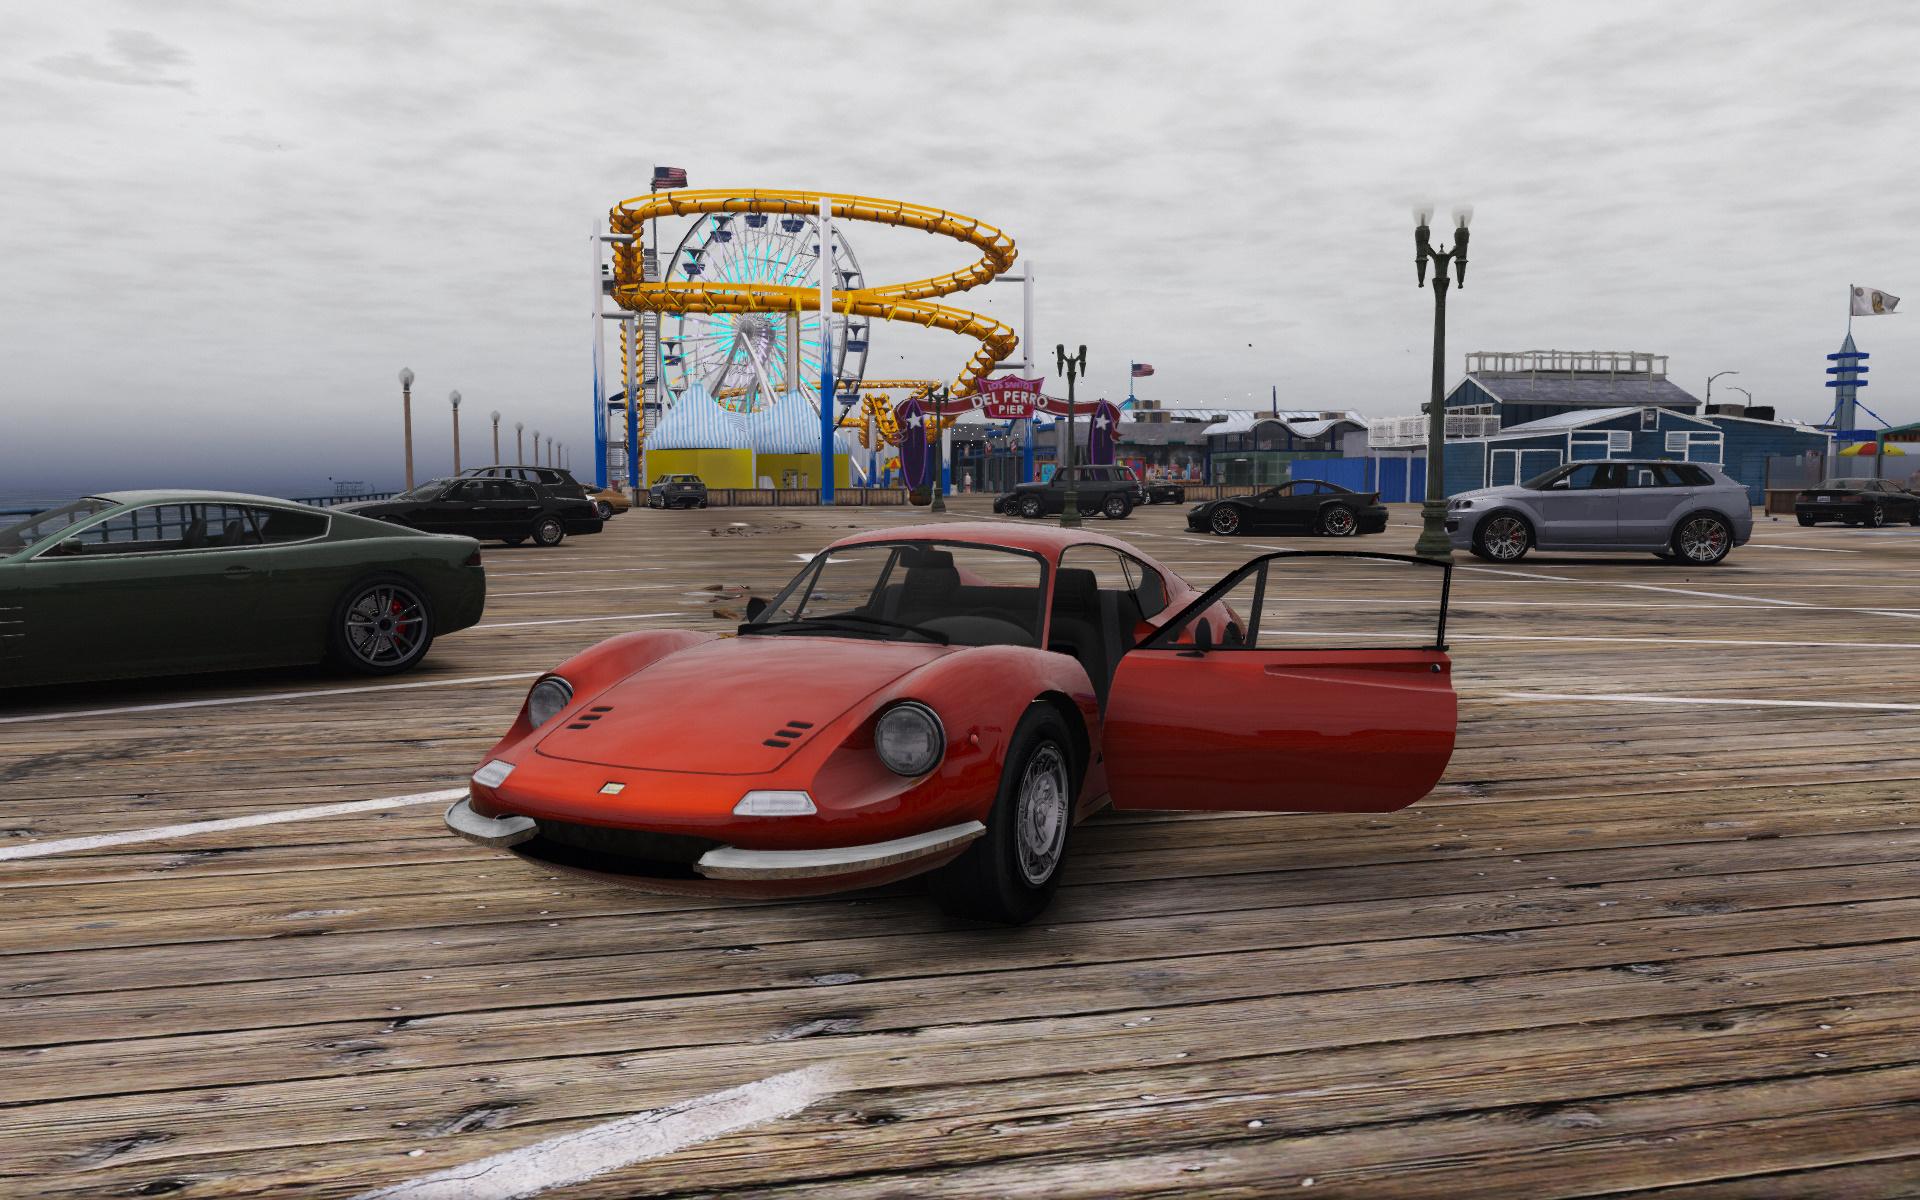 1969 Ferrari Dino 246 GT [Add-On / Replace] - GTA5-Mods.com on porsche macan, porsche replica cars, porsche women, porsche cabrio, porsche race girl, porsche art, porsche panamera, porsche gtp, porsche front, porsche cayenne, porsche gt4, porsche cayman, porsche calendar girls, porsche hd, porsche hatchback, porsche boxster, porsche future models, porsche electric car, porsche gt,